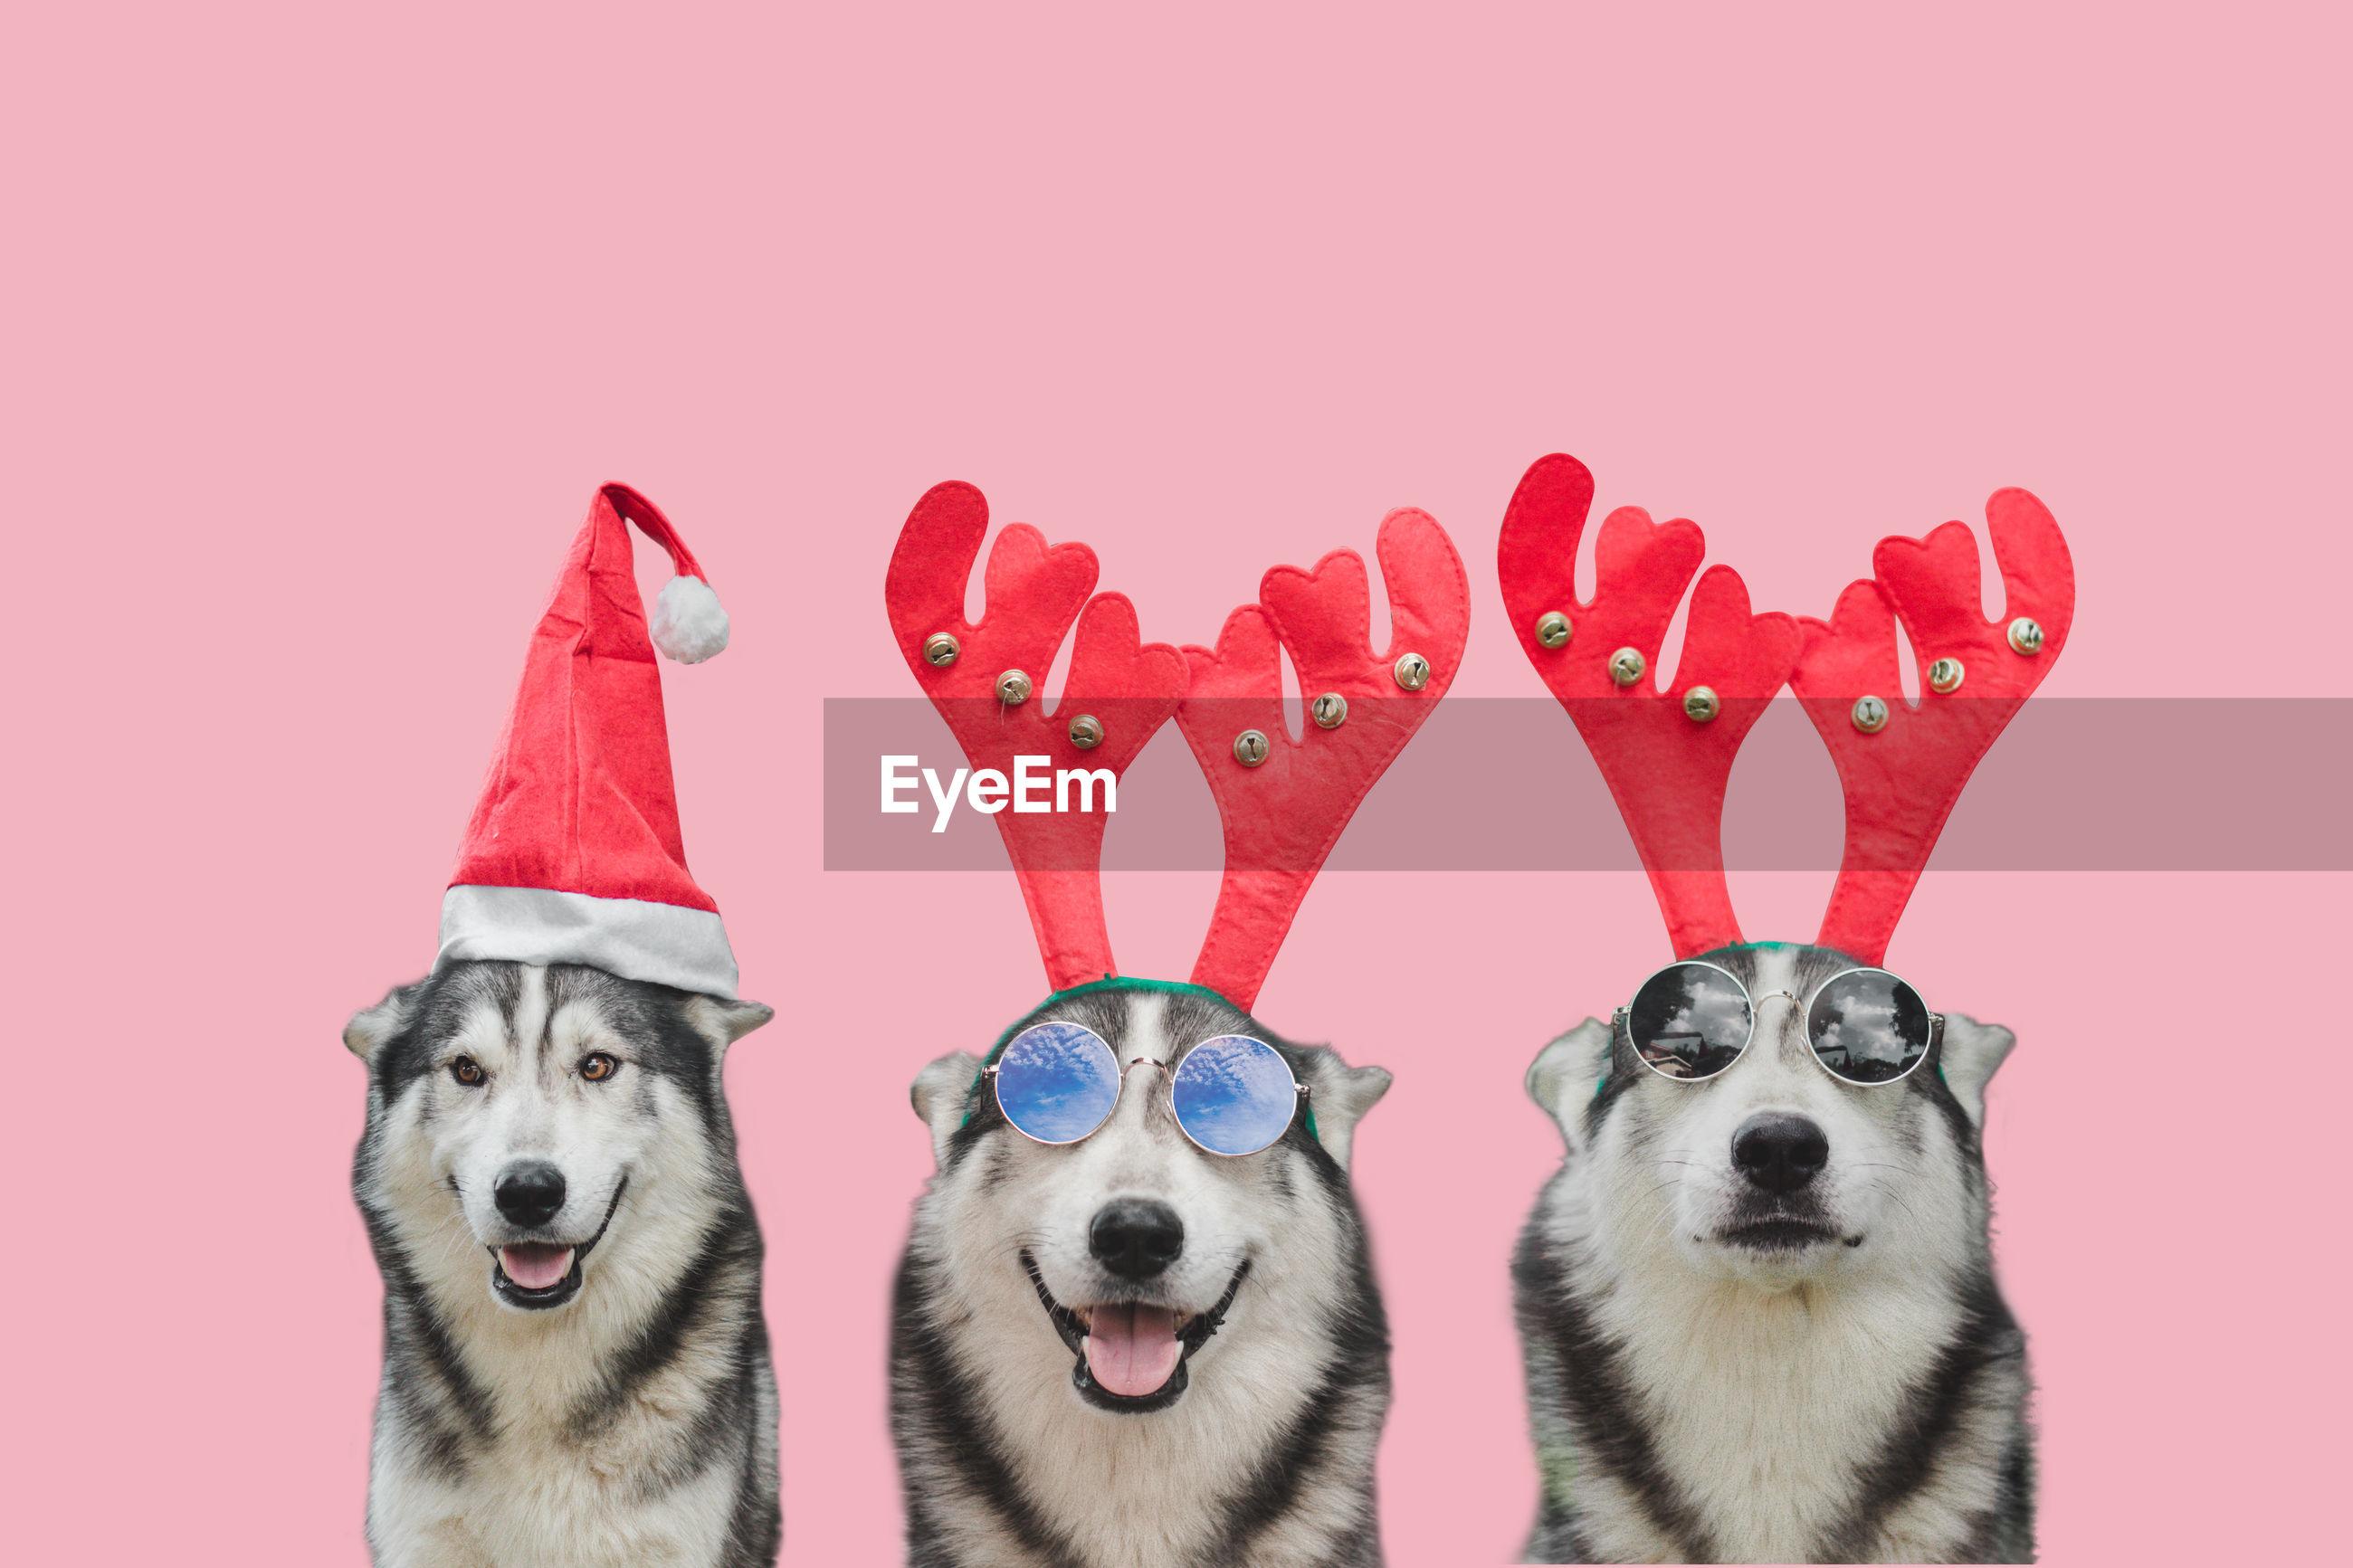 Siberian dog wearing glasses.it make funny face.dog on isolated white background.happy chrismas day.